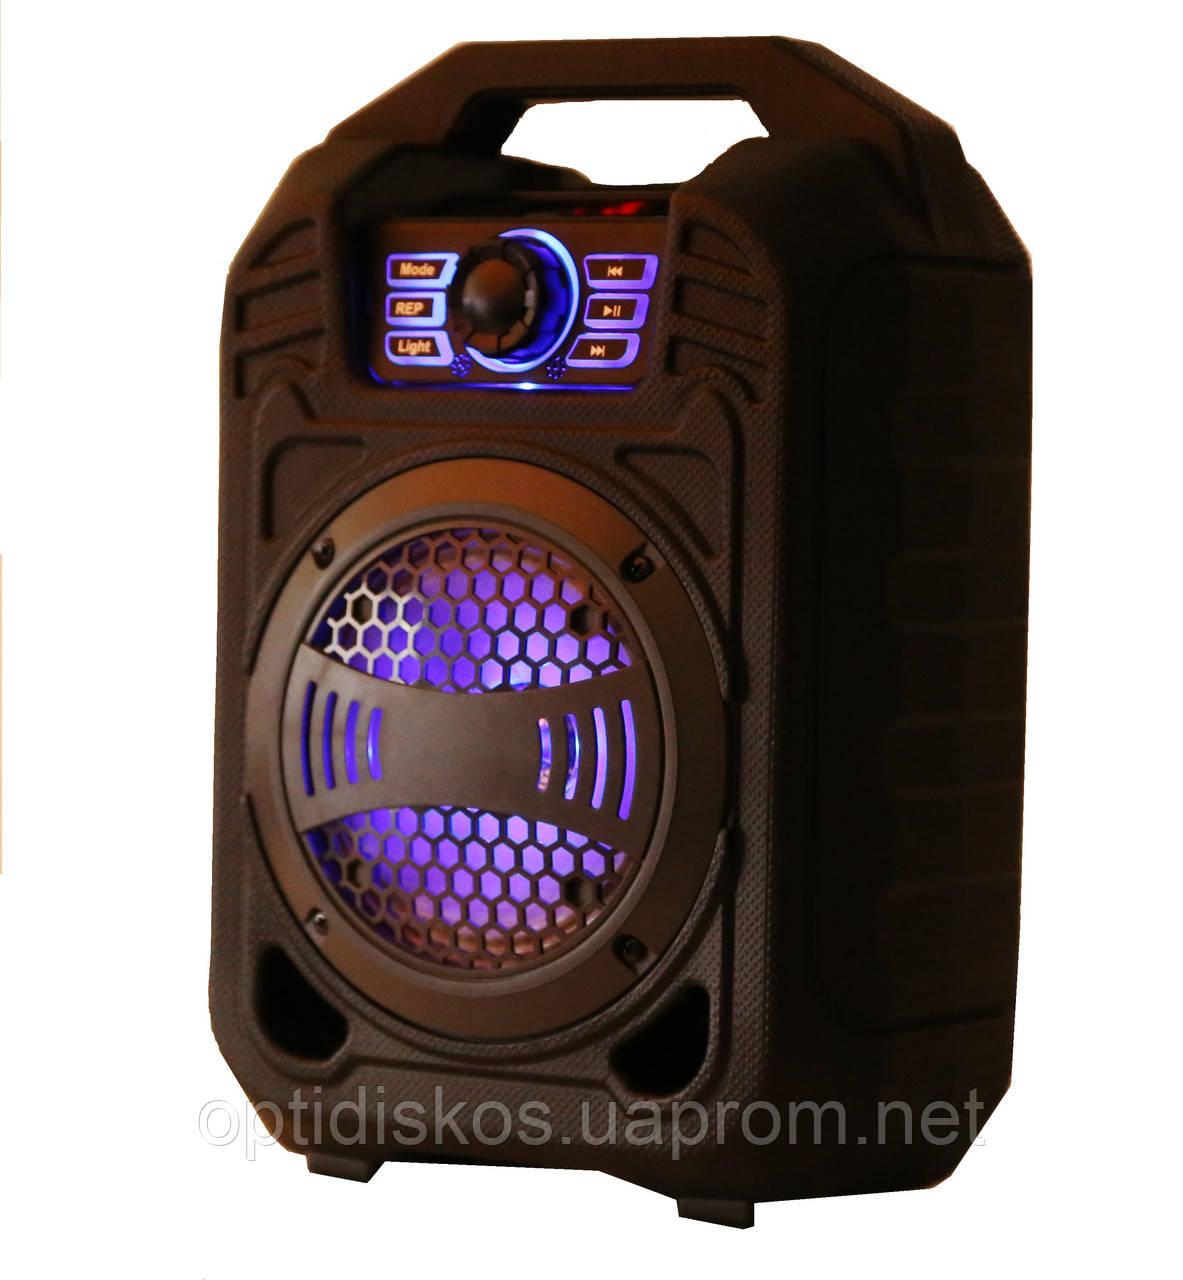 Bluetooth портативная колонка чемодан B13 (BL,USB,SD,FM, AUX),сеть/акк, светомузыка, микрофон, звукозапись